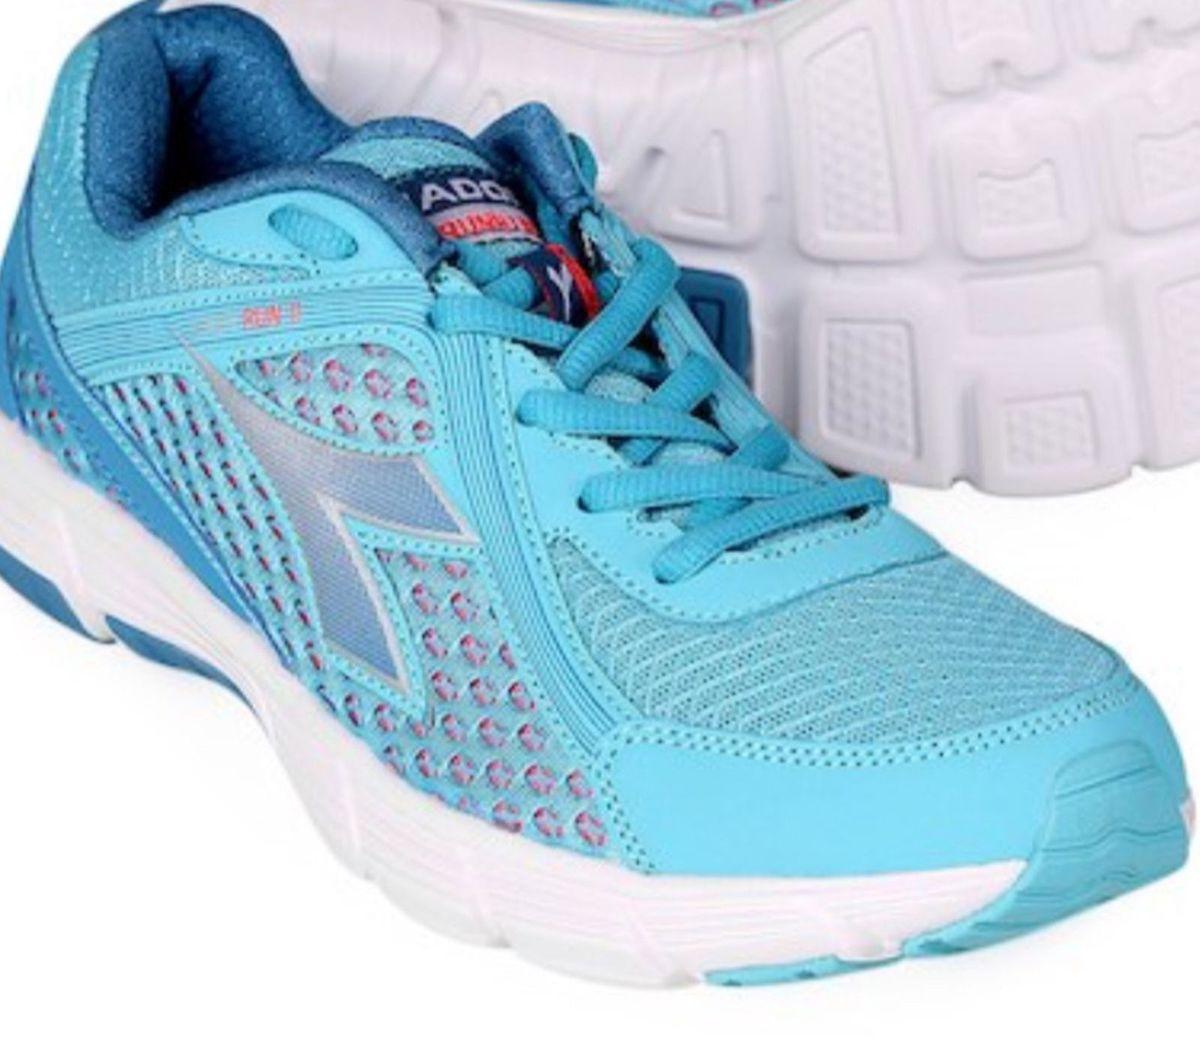 tênis diadora easy run 2 - tênis tênis diadora easy run 2 feminino - azul 813dfdc164eaa